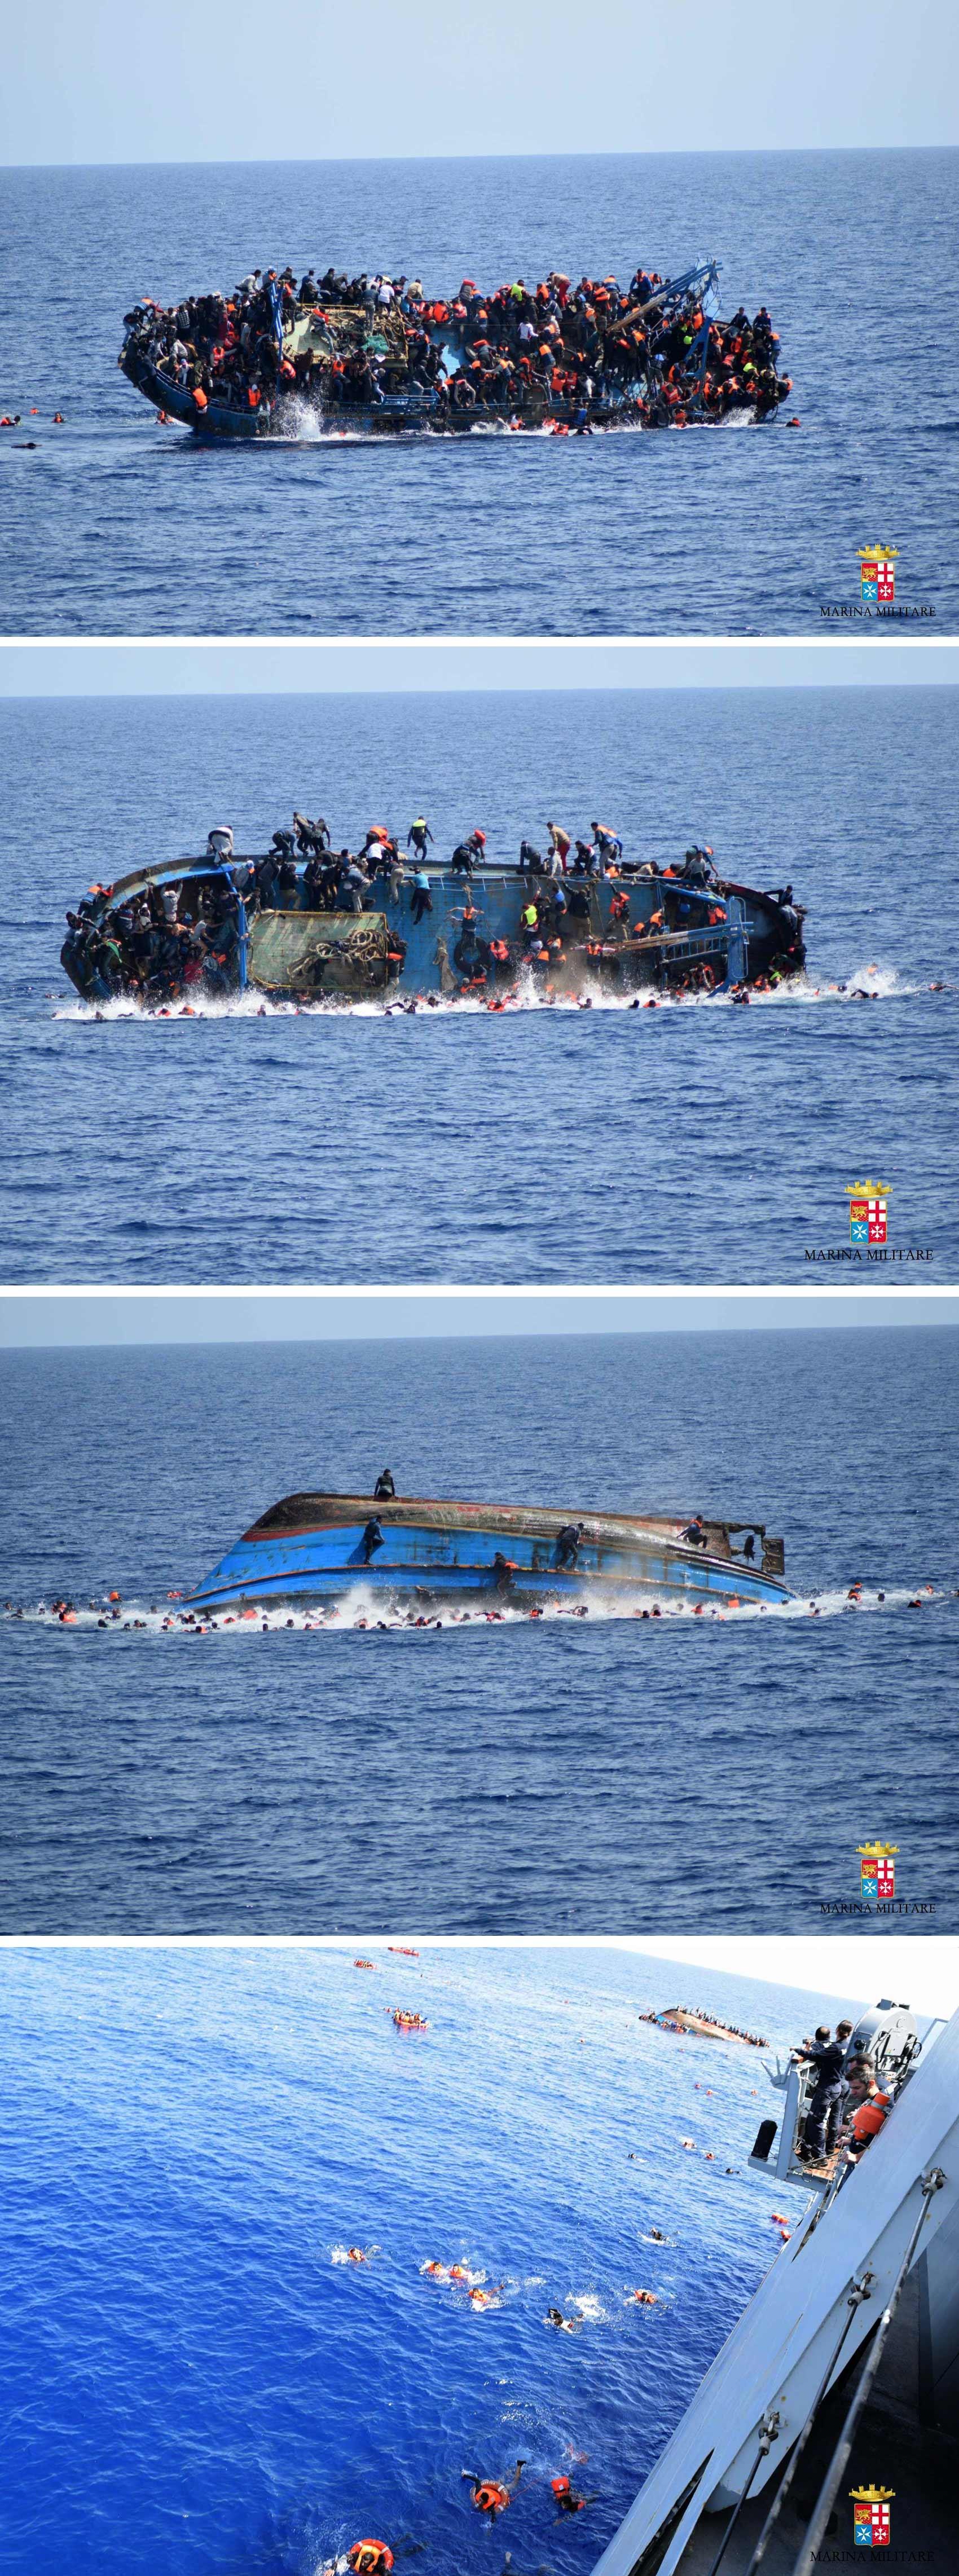 Sequência de fotos da Marinha italiana mostram barco lotado de migrantes virando logo antes do resgate na costa da Líbia; 500 pessoas foram resgatadas e ao menos 7 morreram (Foto: Marinha Italiana/AFP)